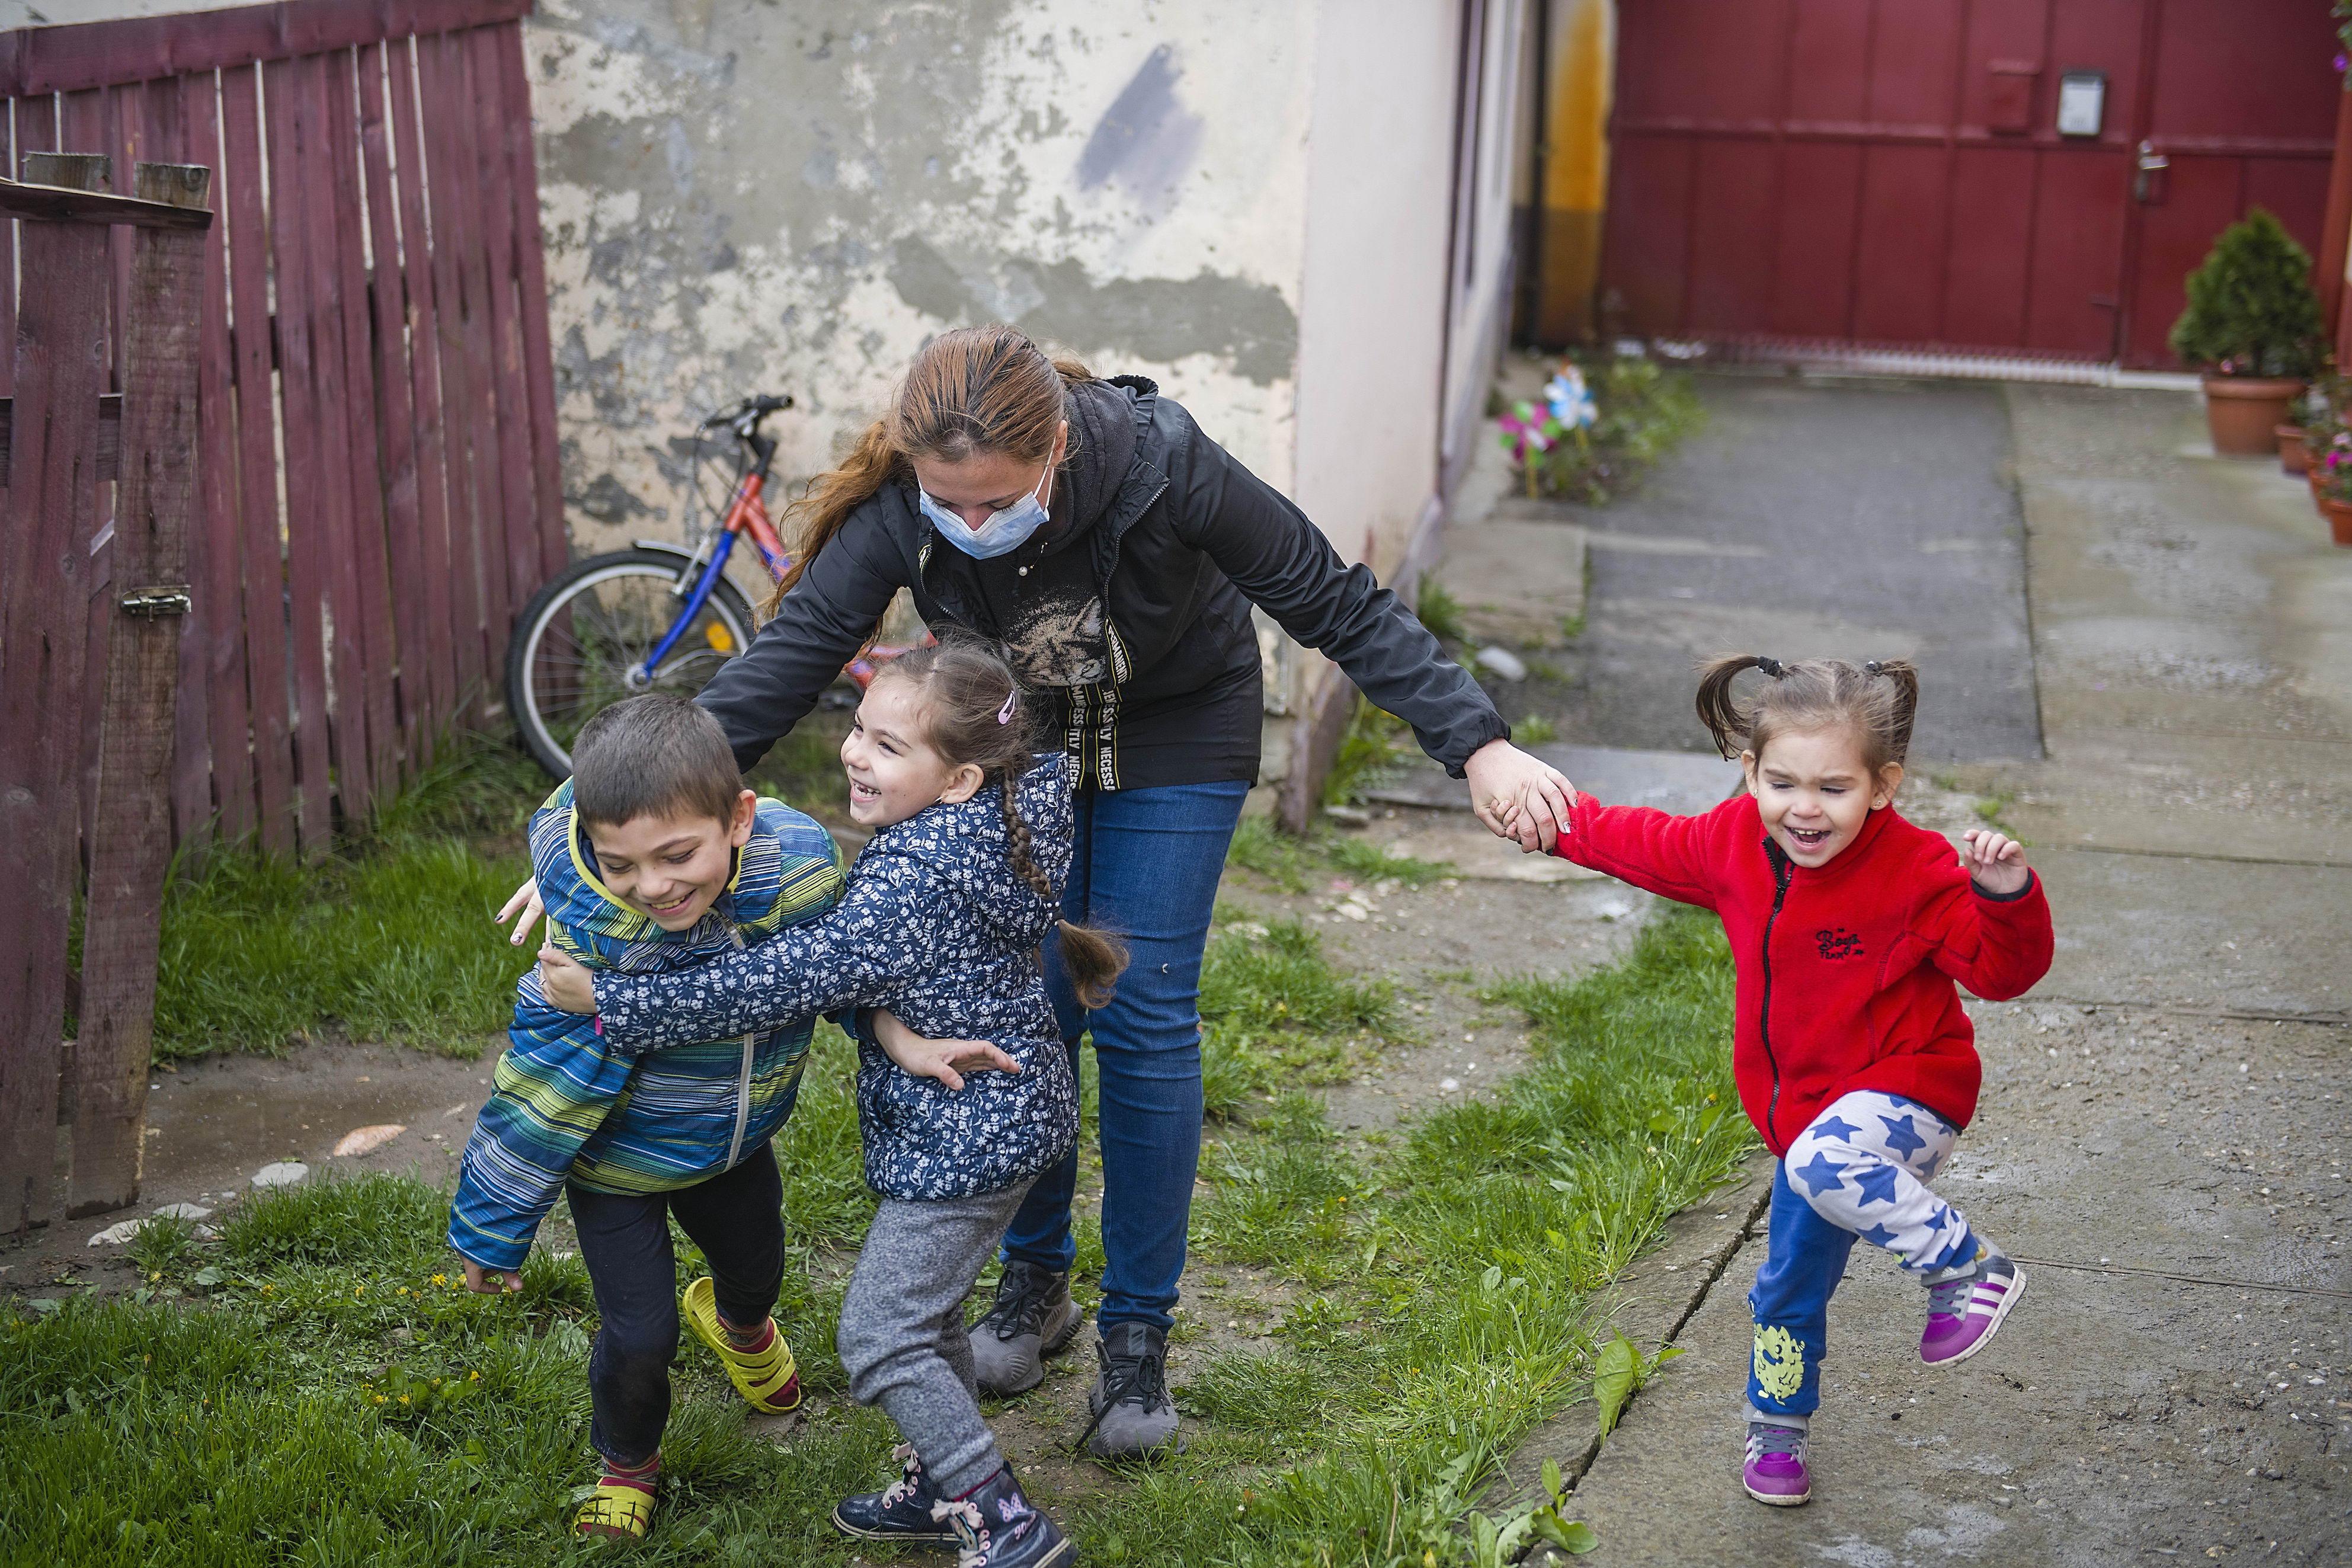 Peste 20 de milioane de lei investiți de Hope and Homes for Children în 2020 în reforma sistemului de protecție a copilului din România